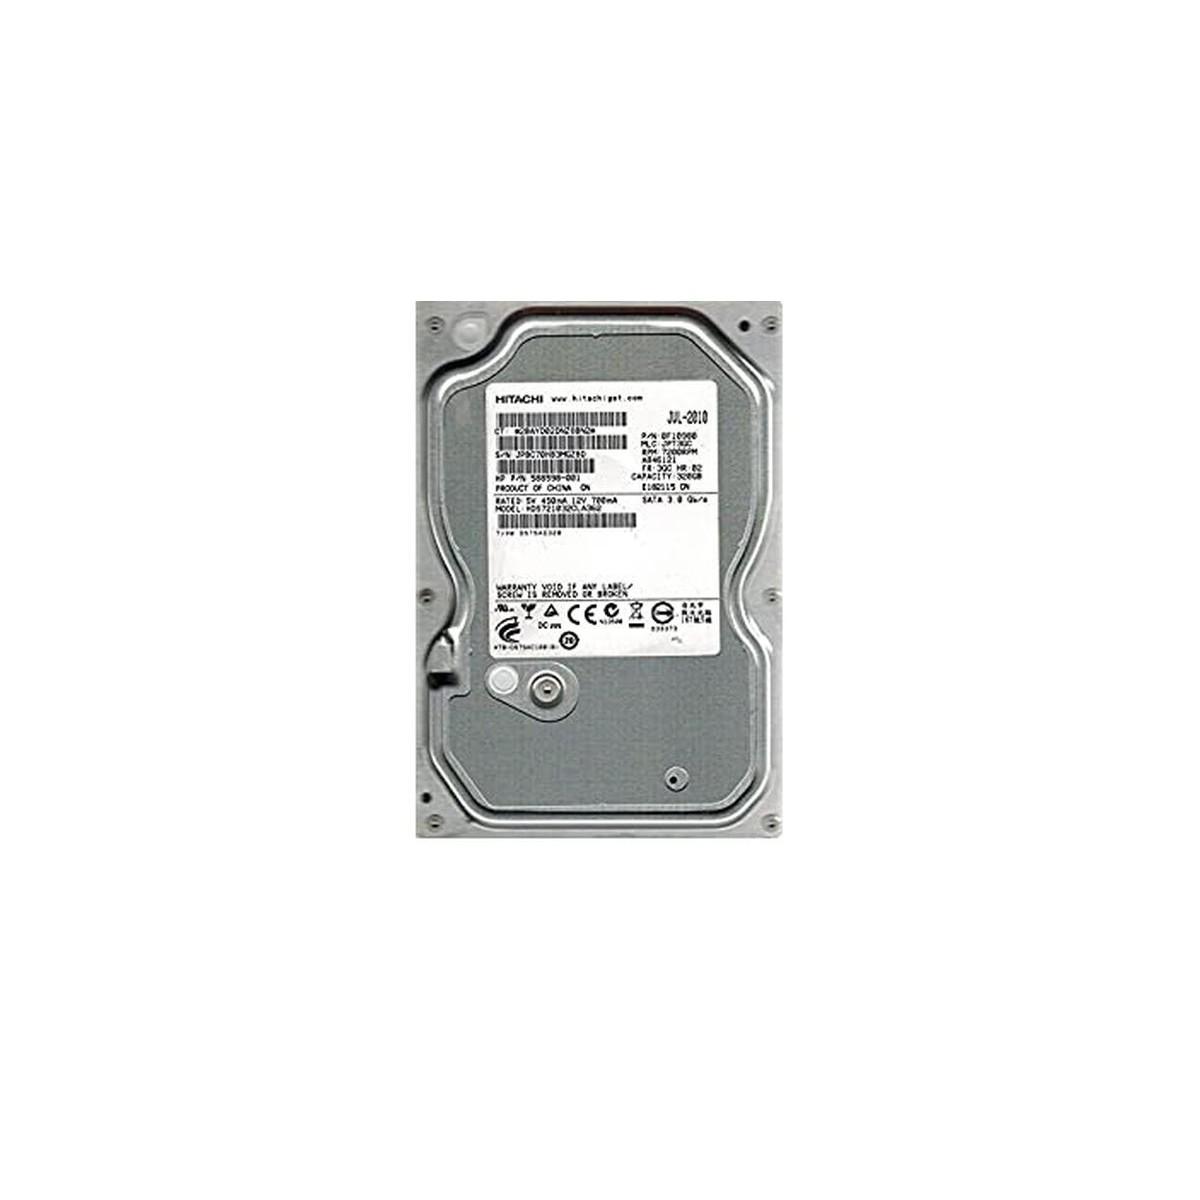 DELL OPTIPLEX 790 i3 2100 4GB 250GB SATA WIN 7 PRO